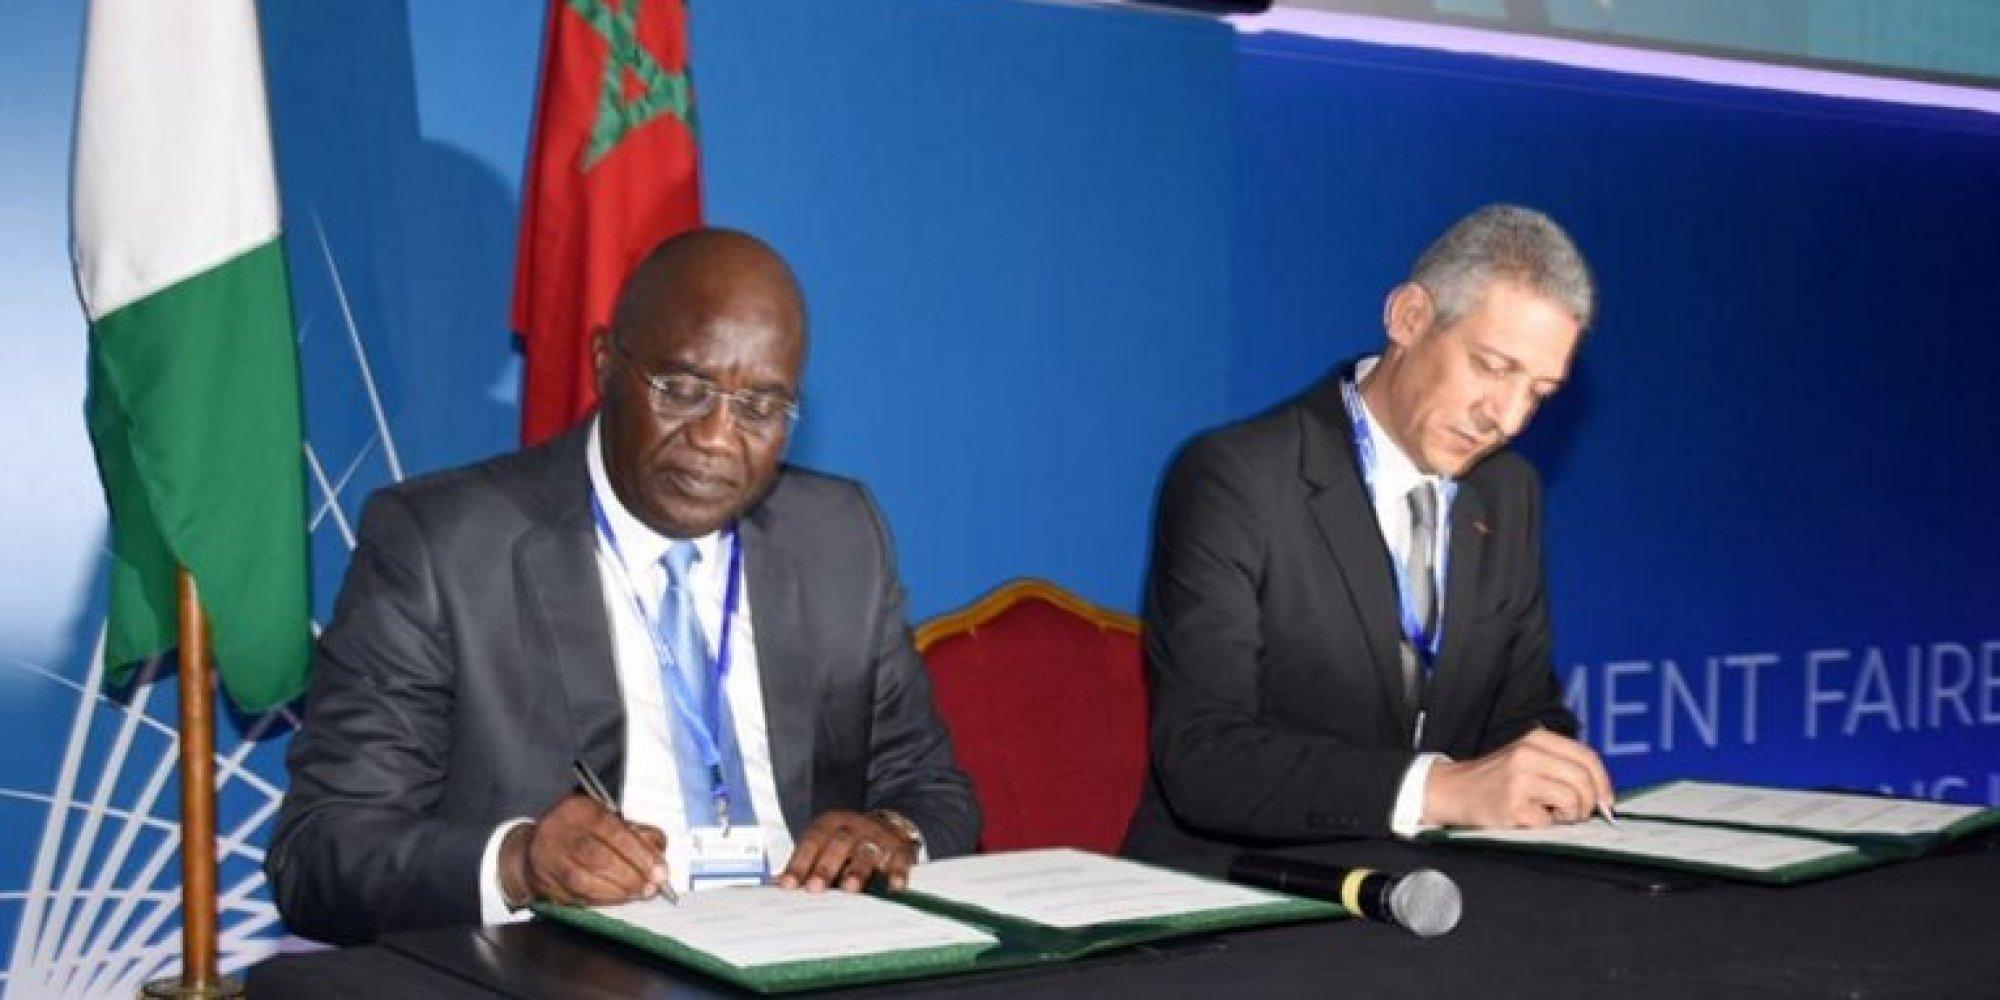 le secteur des assurances ivoirien s 39 allie la f d ration marocaine des soci t s d 39 assurances. Black Bedroom Furniture Sets. Home Design Ideas